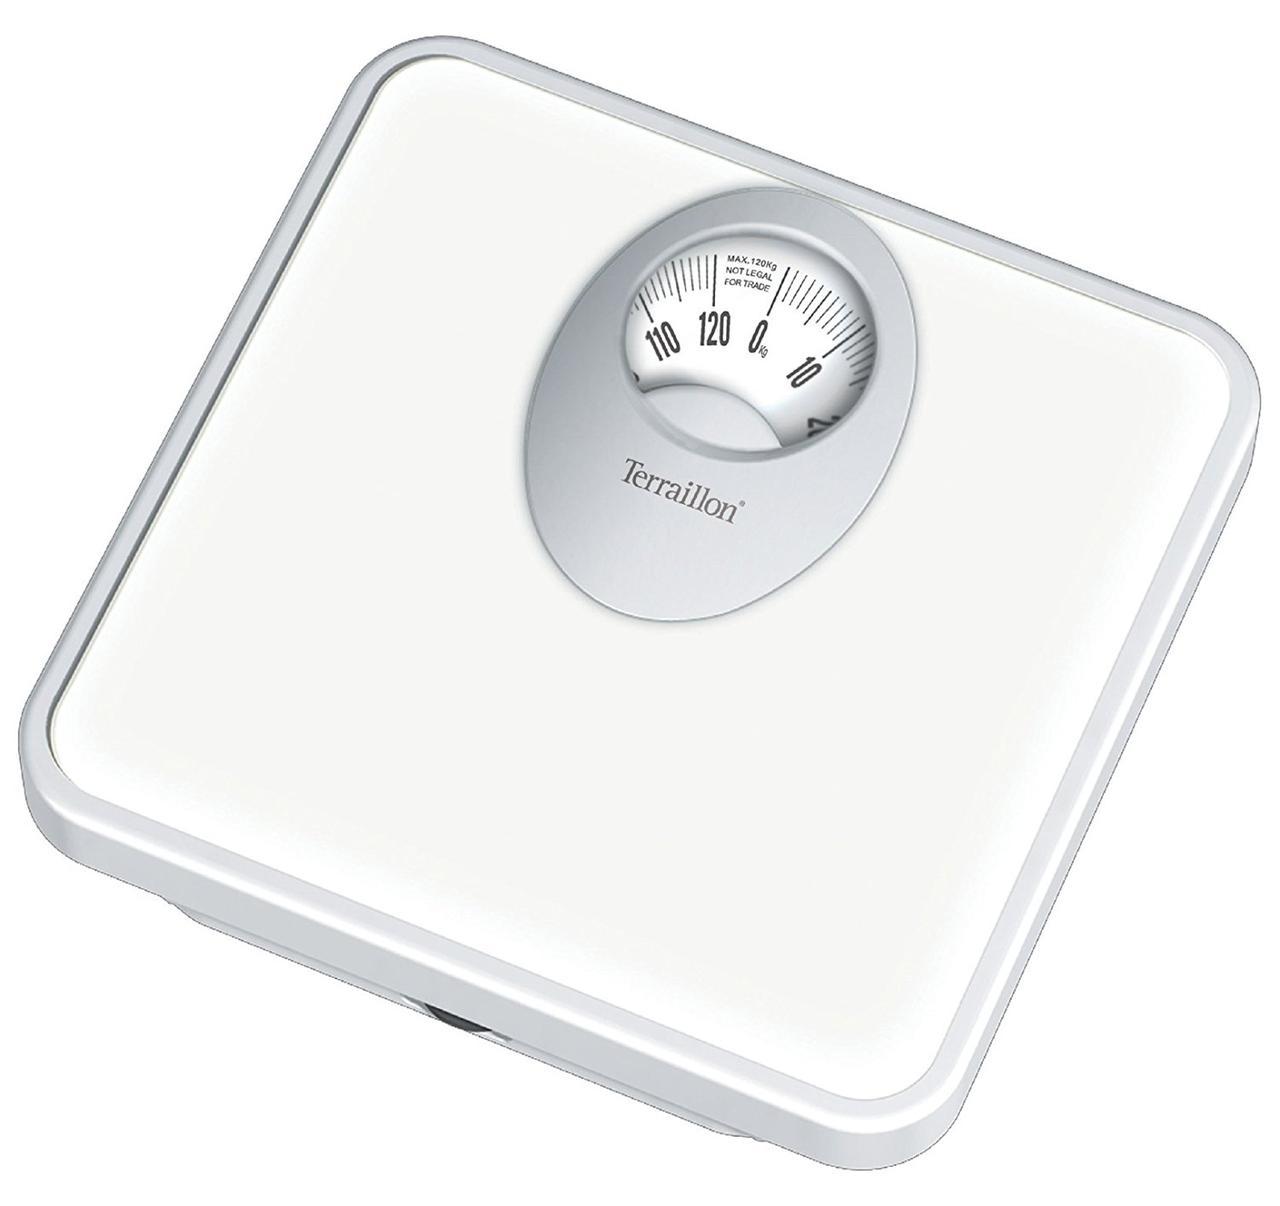 Механические весы - Terraillon